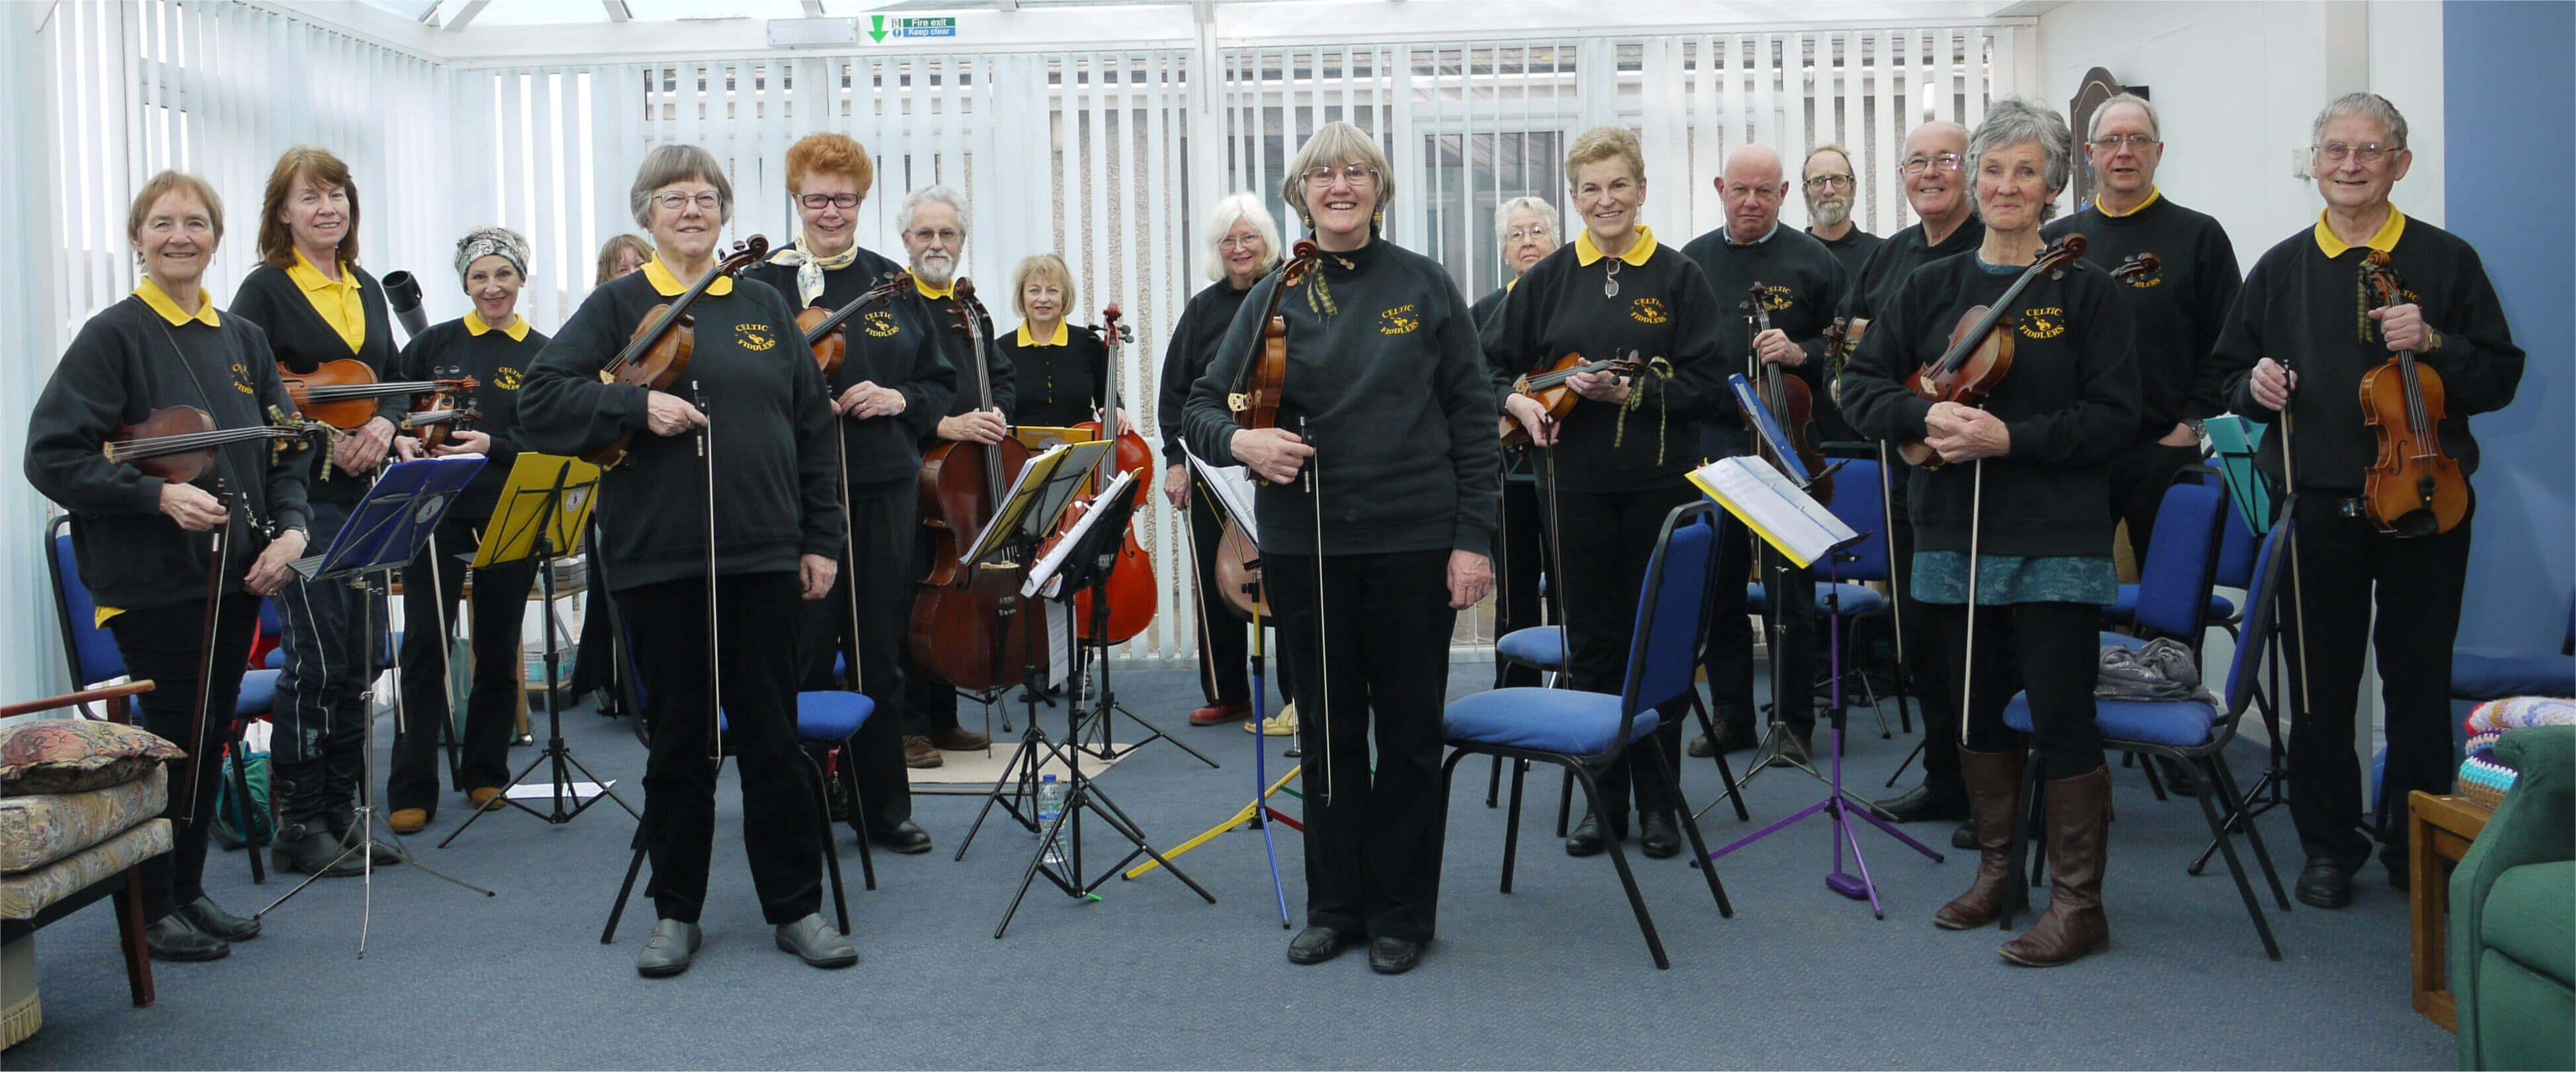 Celtic Fiddlers